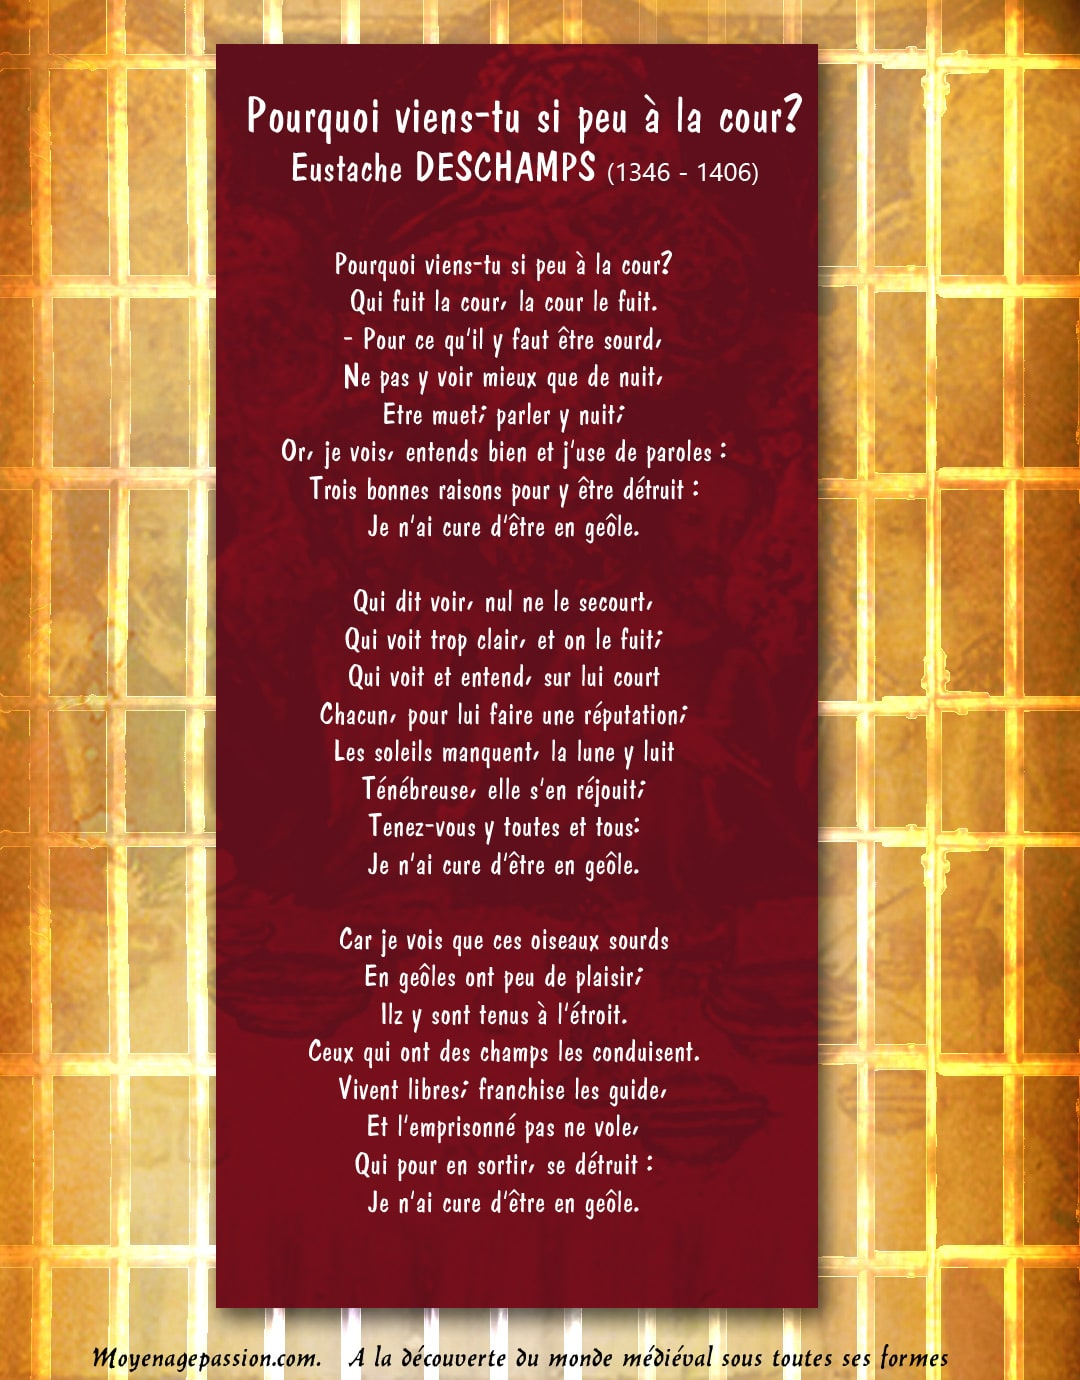 eustache_deschamps_poesie_critique_satirique_morale_medievale_moyen-age_tardif_XIV_la_cour